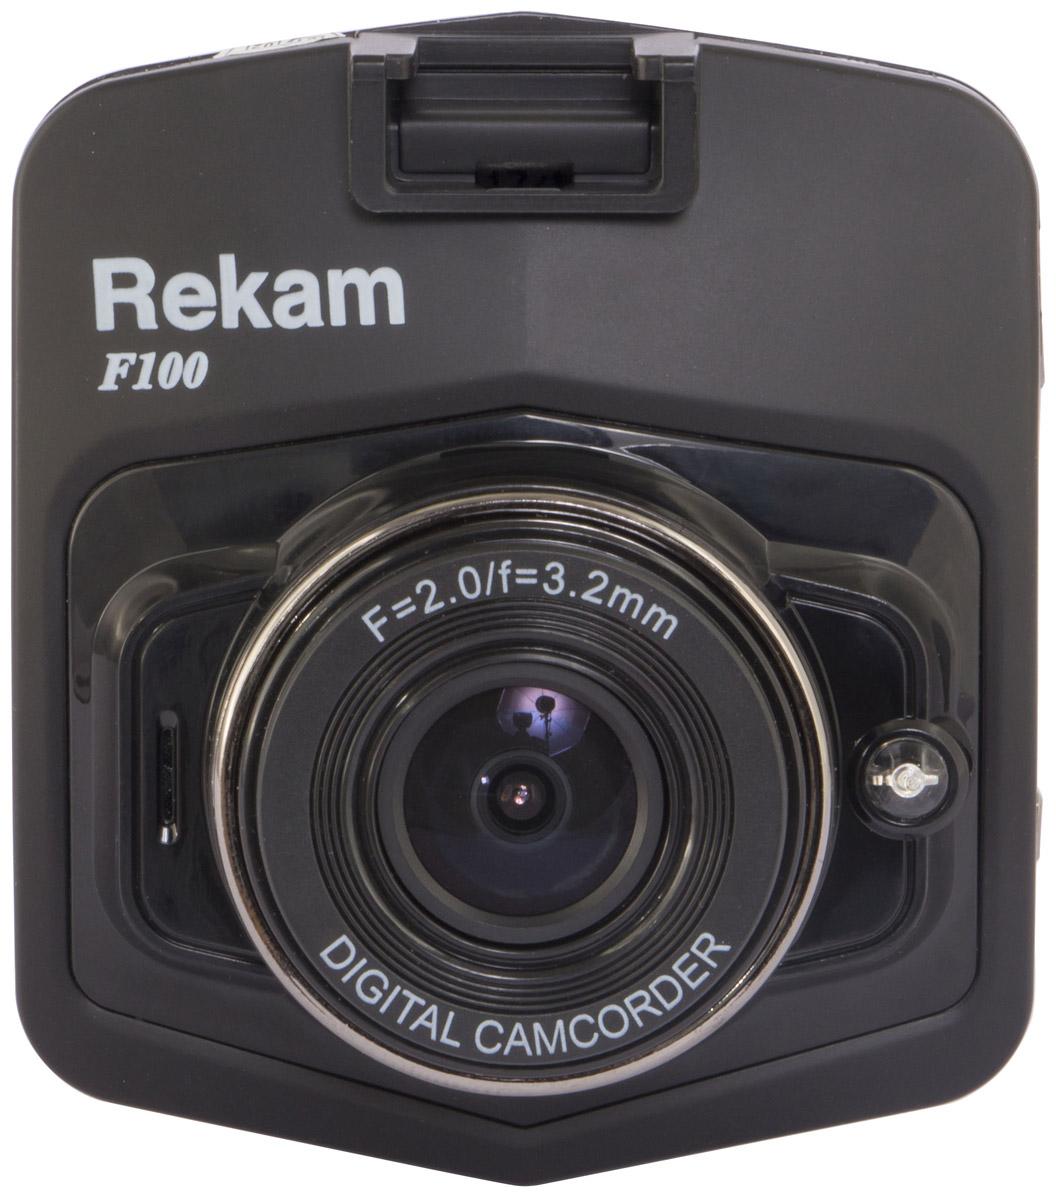 Rekam F100 автомобильный видеорегистраторF100Rekam F100 - компактный и простой в использовании видеорегистратор. Оснащен самыми необходимыми функциями для качественной записи обстановки на дороге.6-линзовый объектив обеспечивает достойное качество съемки в различных условиях освещения. Улучшить видимость в ночное время дает возможность светодиодная подсветка. Объектив с обзором 120° позволяет в полной мере охватить ситуацию на дороге, обеспечивая минимальные искажения по краям. Благодаря яркому ЖК-экрану отснятое видео удобно просматривать на видеорегистраторе.Режим экстренной записи, при ударе или резком ускорении, реализован на основе 3-осевого G-сенсора. Для активации режима Парковка предусмотрена отдельная красная кнопка на панели управления. Штатное крепление на лобовое стекло отличается простым креплением самого видеорегистратора, дает возможность поворачивать его на 360° в горизонтальной плоскости и менять угол наклона.Помимо всех перечисленных возможностей, автомобильный видеорегистратор Rekam F100, при подключении к компьютеру, можно использовать в режиме web-камеры. Видеорегистратор будет идентифицирован как внешняя web-камера при первом подключении, а все необходимые драйвера установятся автоматически. Видеорегистратор имеет слот для карты памяти MicroSD объемом до 32 ГБ, порт MiniHDMI (тип C), аналоговый AV выход и USB порт.